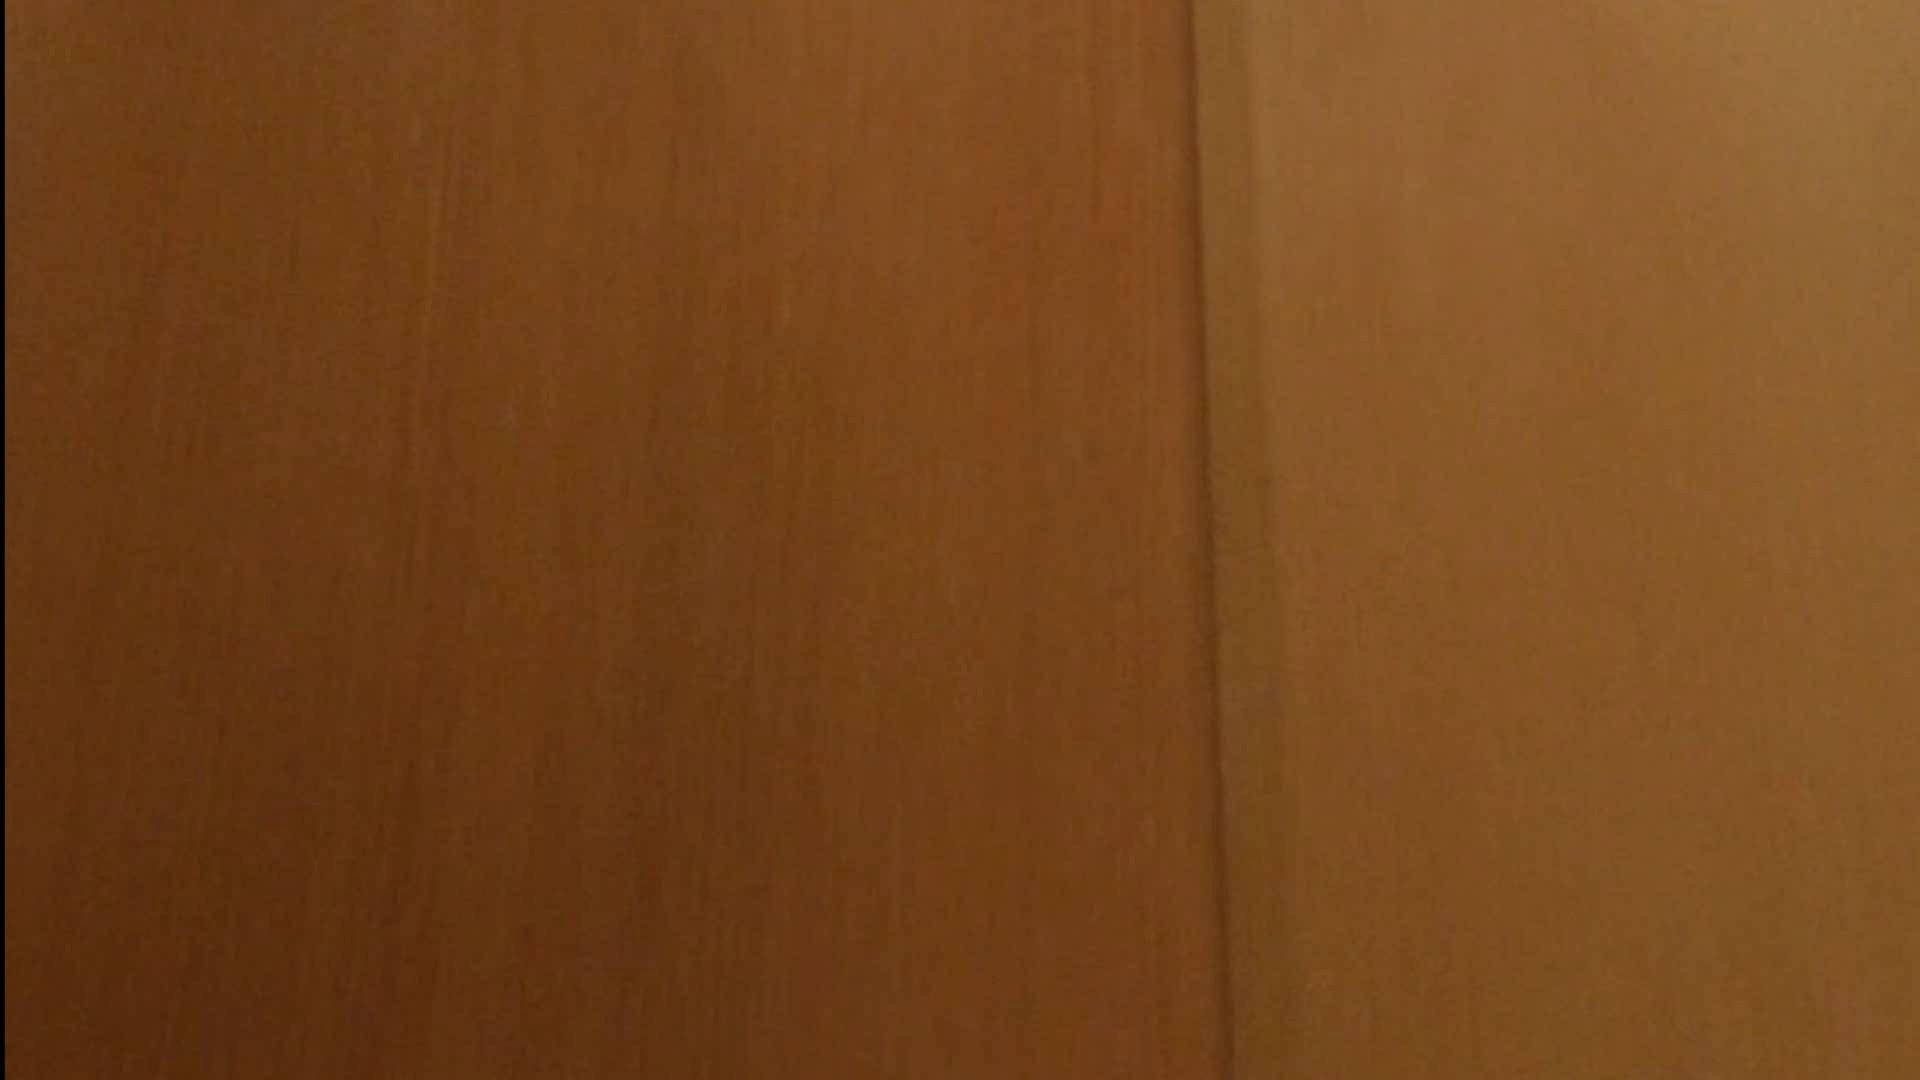 「噂」の国の厠観察日記2 Vol.04 人気シリーズ   厠の中で  10枚 3